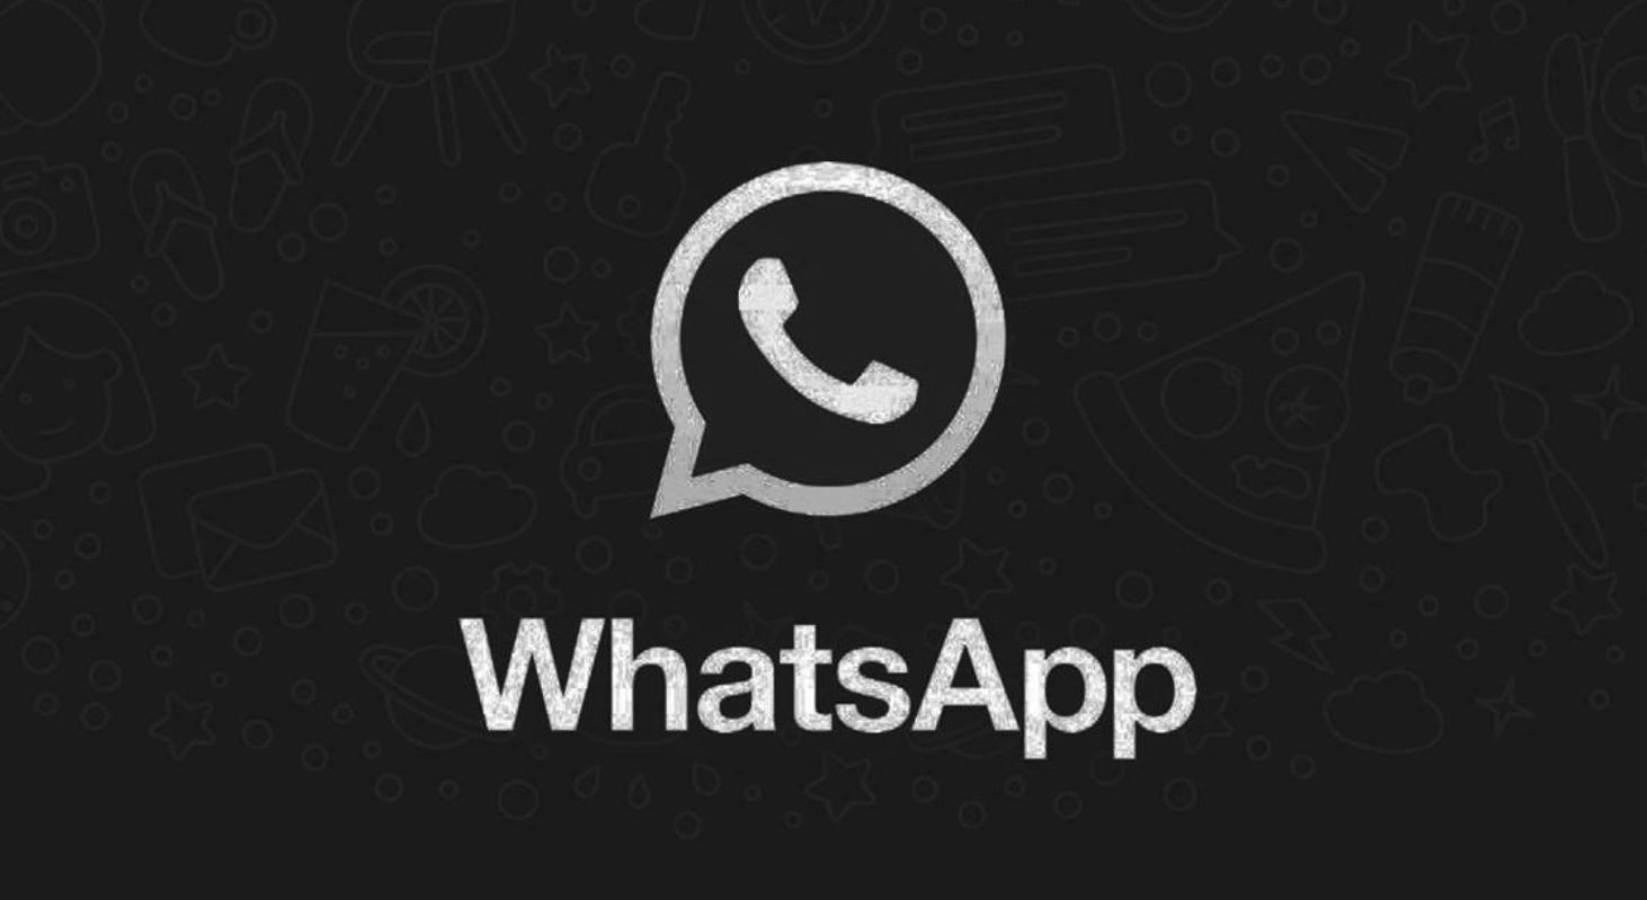 WhatsApp android dark mode beta